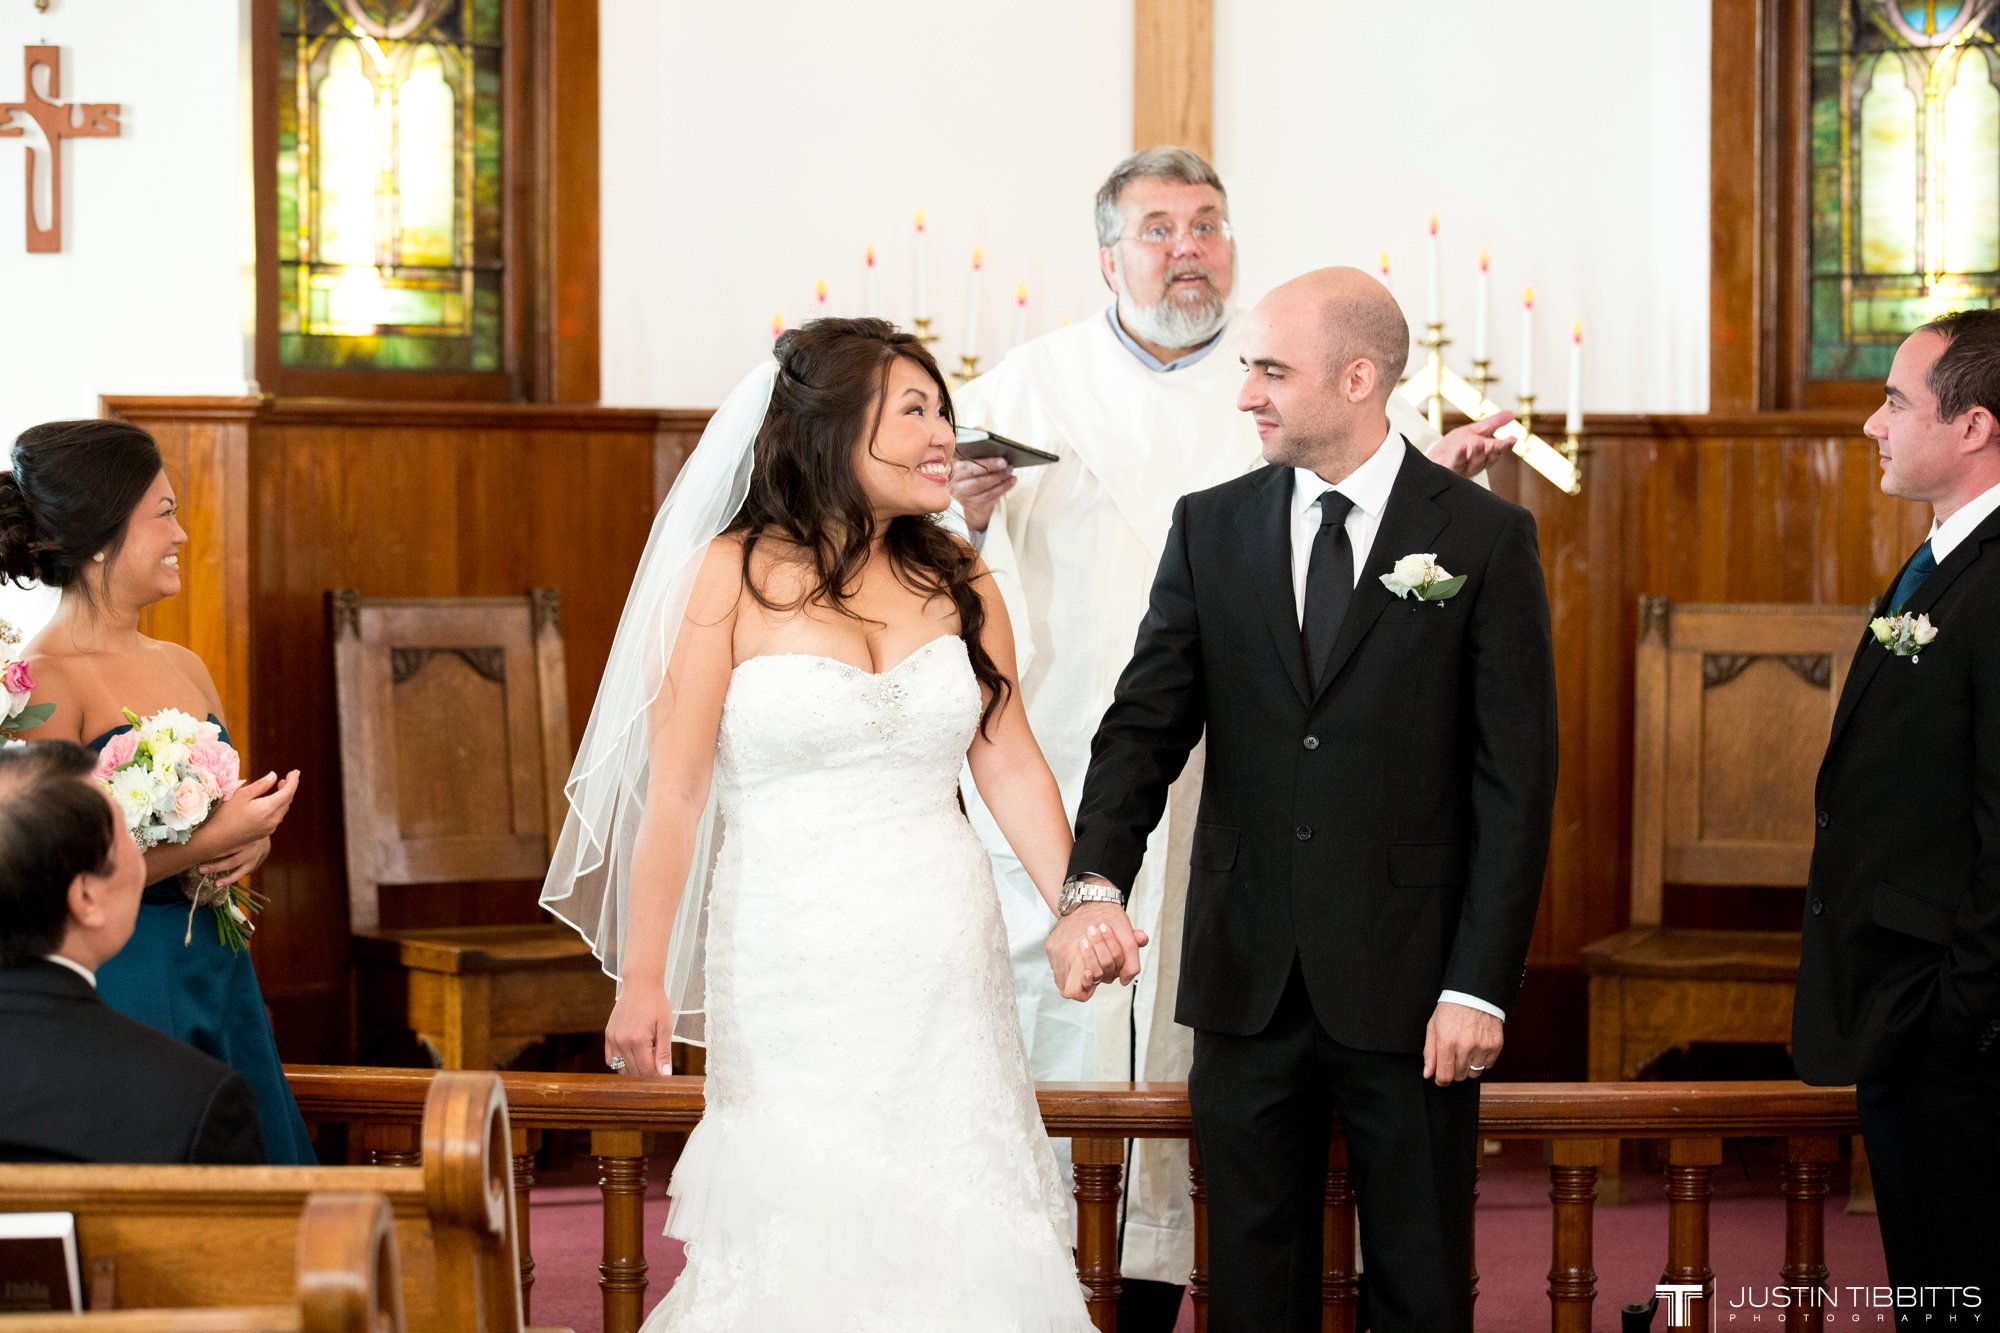 Justin Tibbitts Photography Uva Melody Lodge, NY Wedding-282